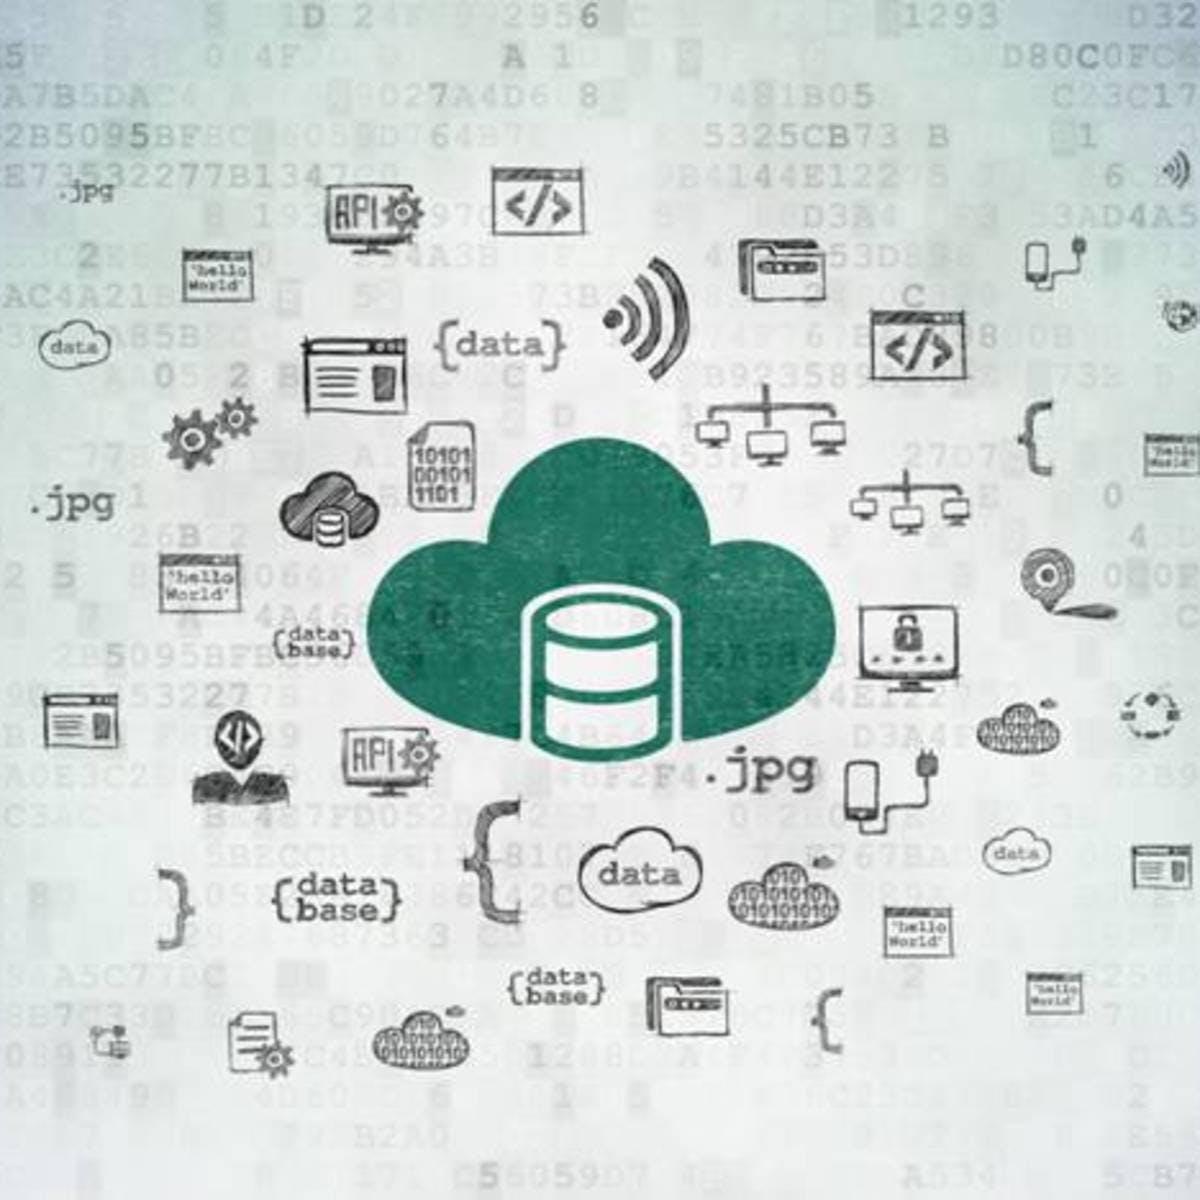 Базы данных (Databases)